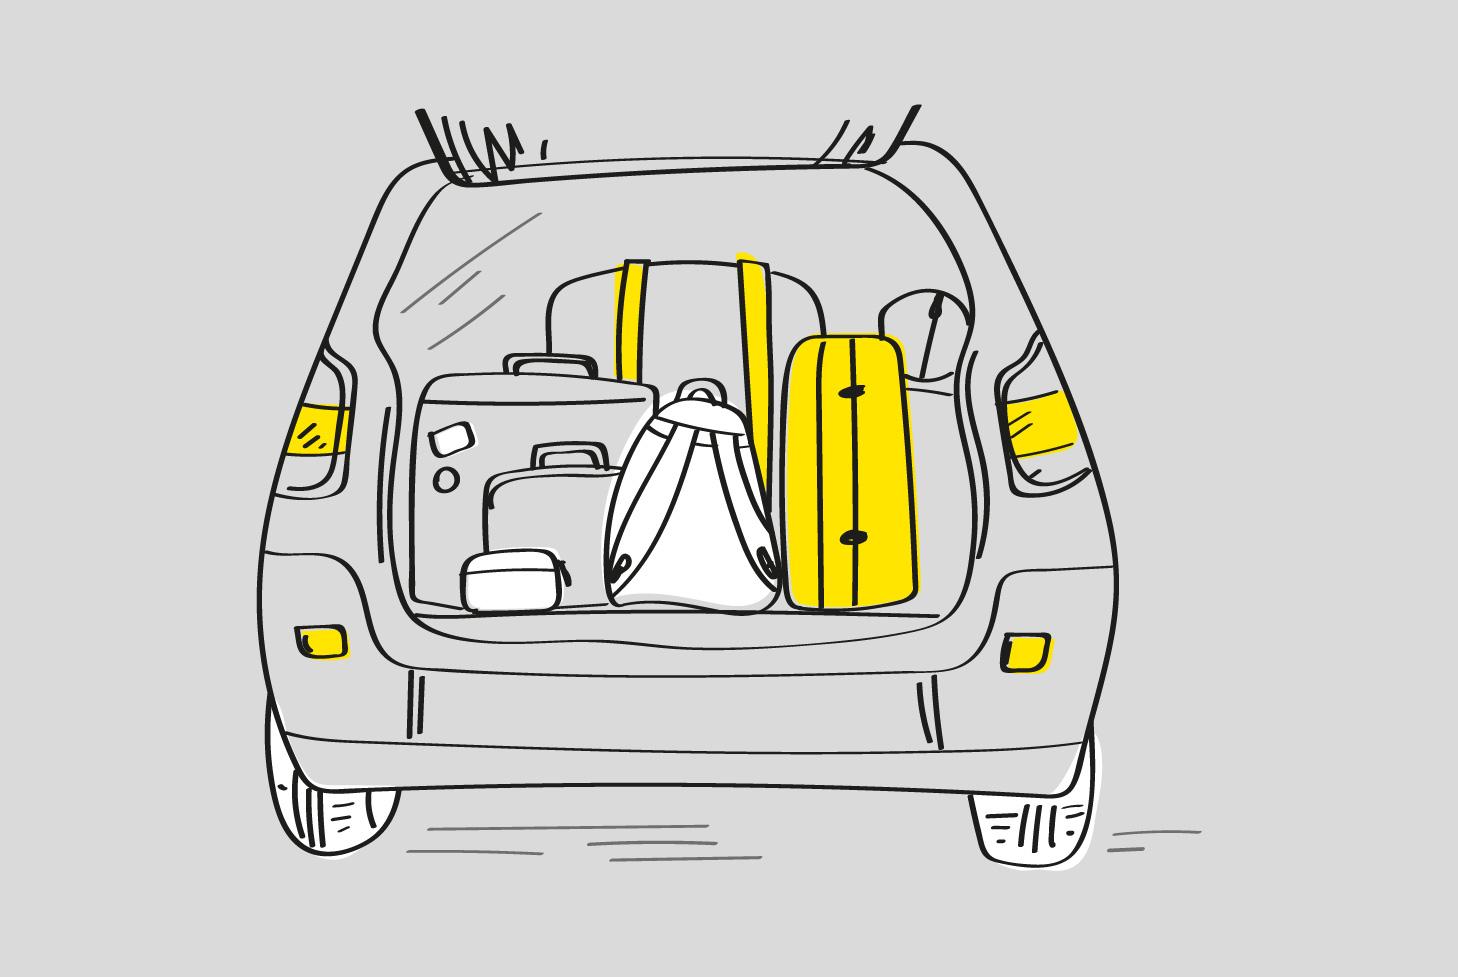 «Я продал машину и стал везде ездить на такси»: истории трех петербуржцев, которые ежемесячно тратят на такси десятки тысяч рублей